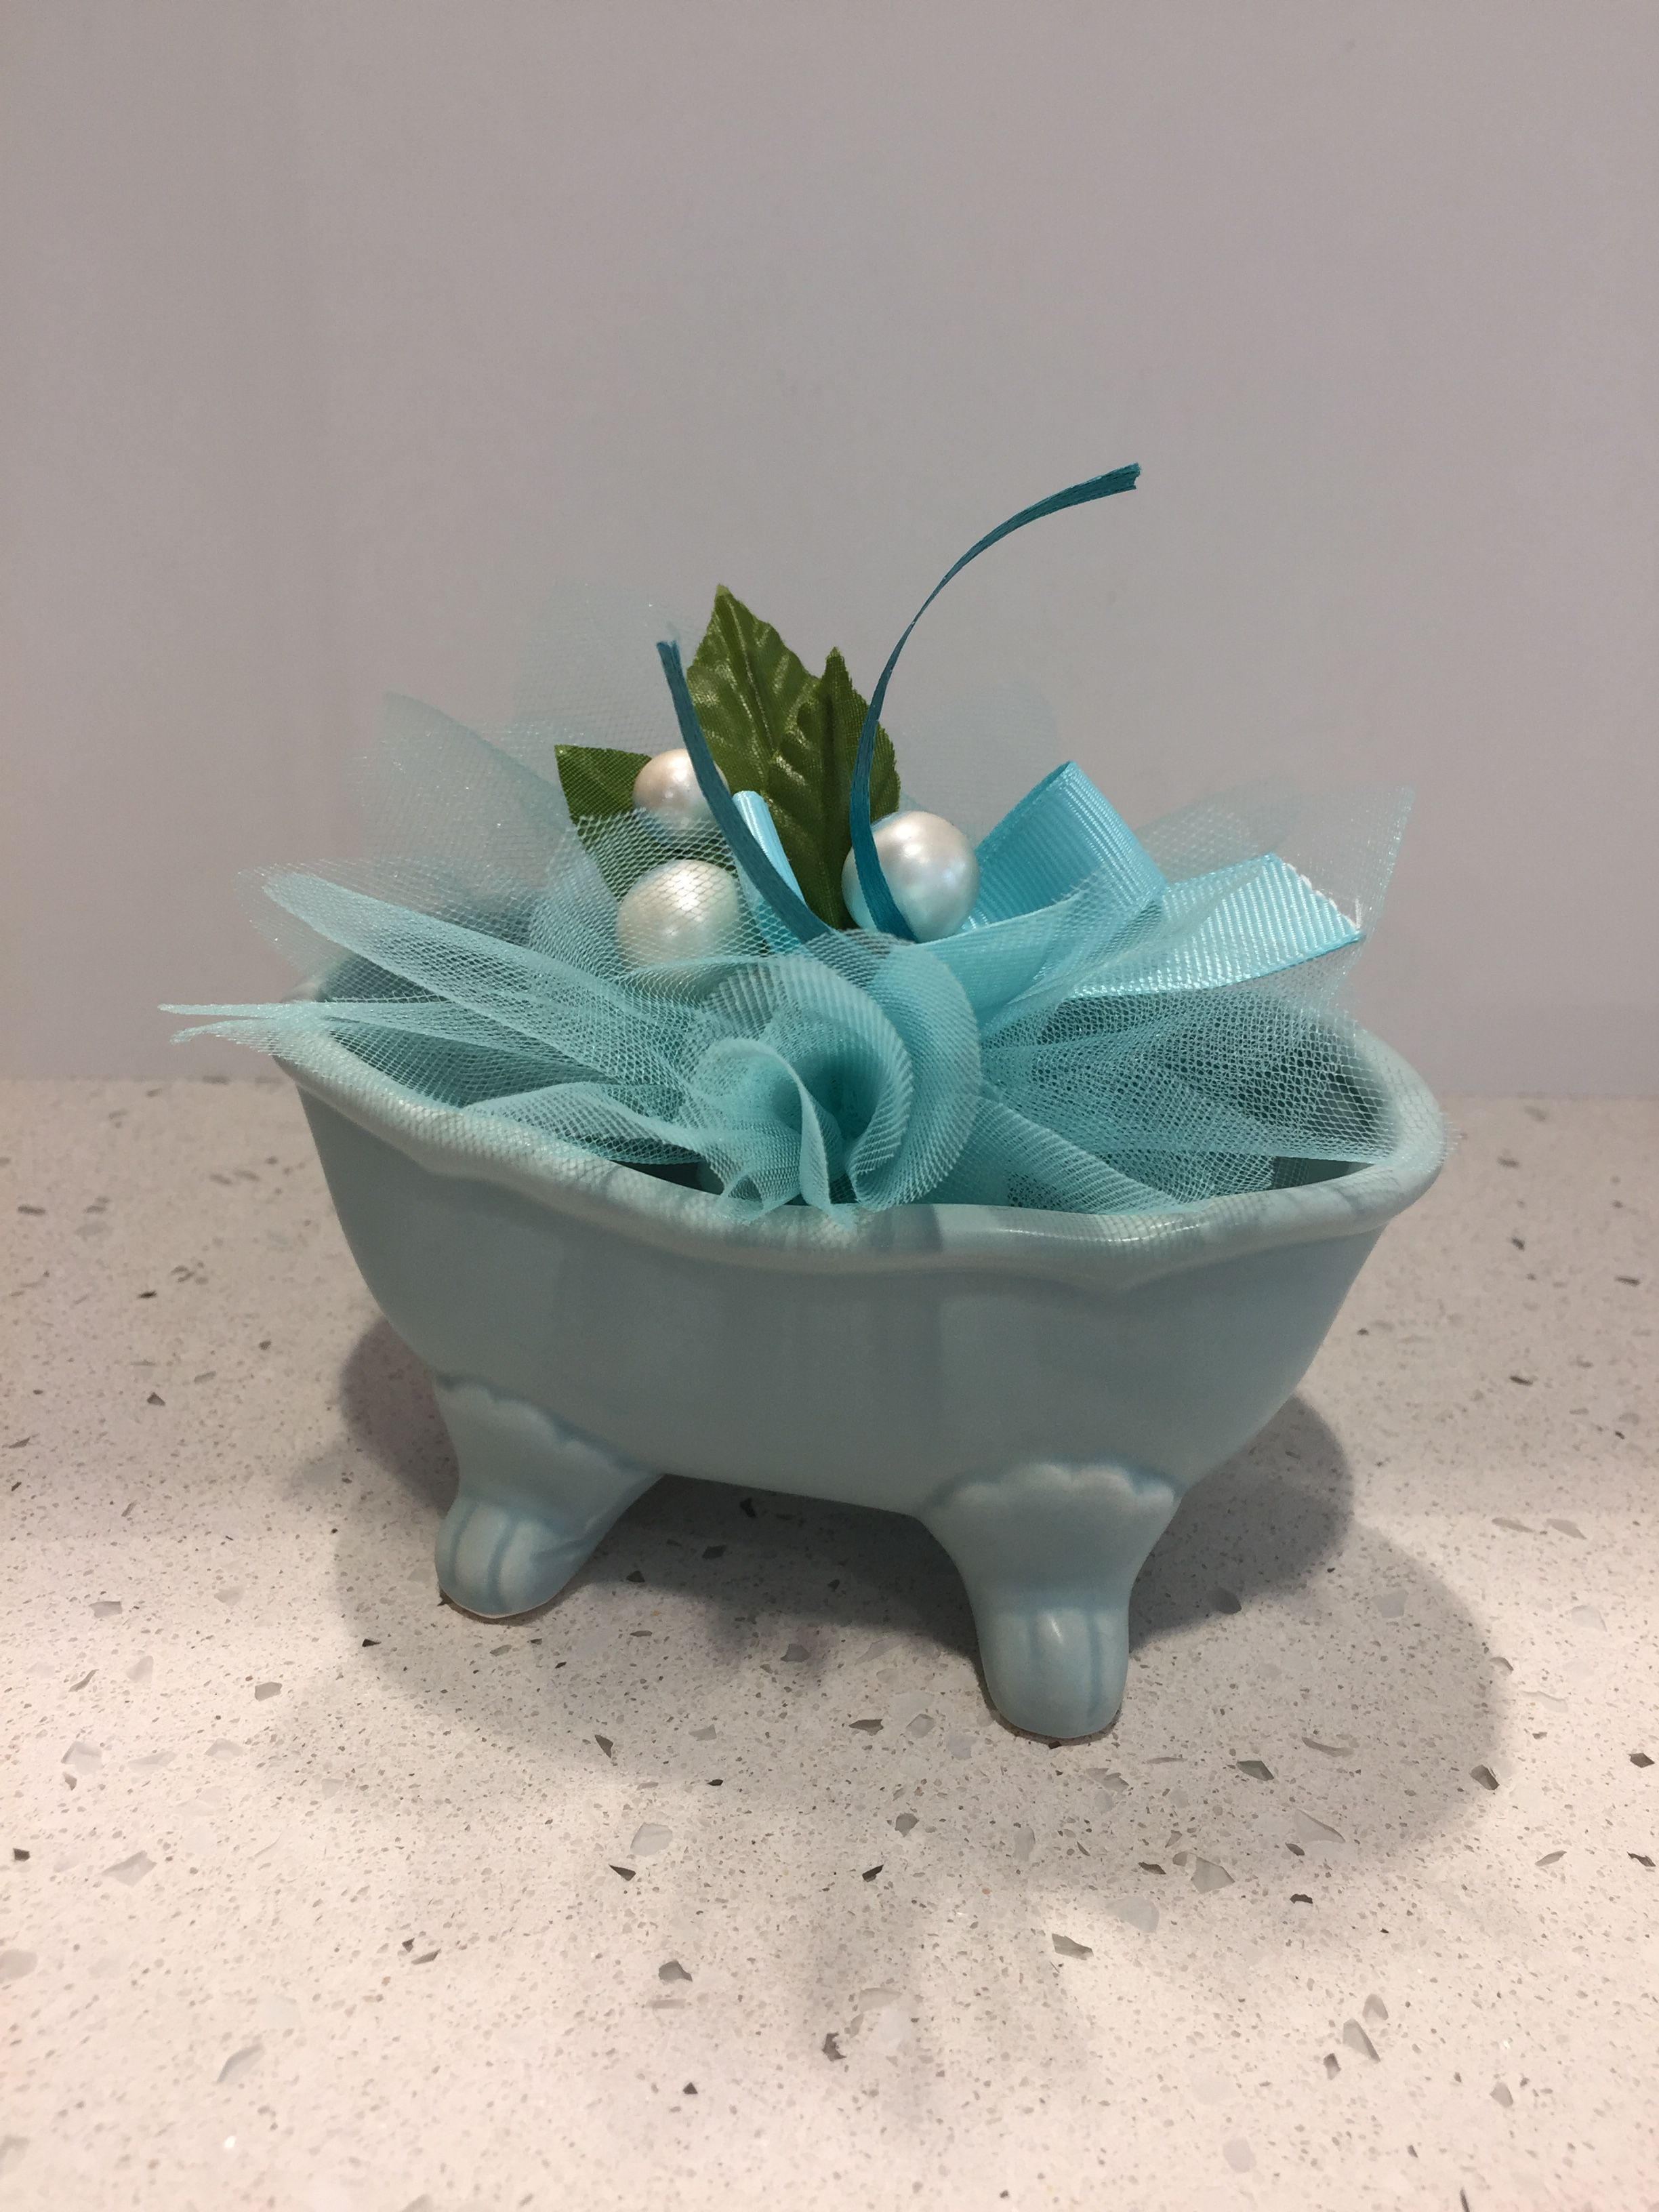 Vasca Da Bagno Azzurra.Vasca Da Bagno In Porcellana Azzurra Con Confezione Di Confetti In